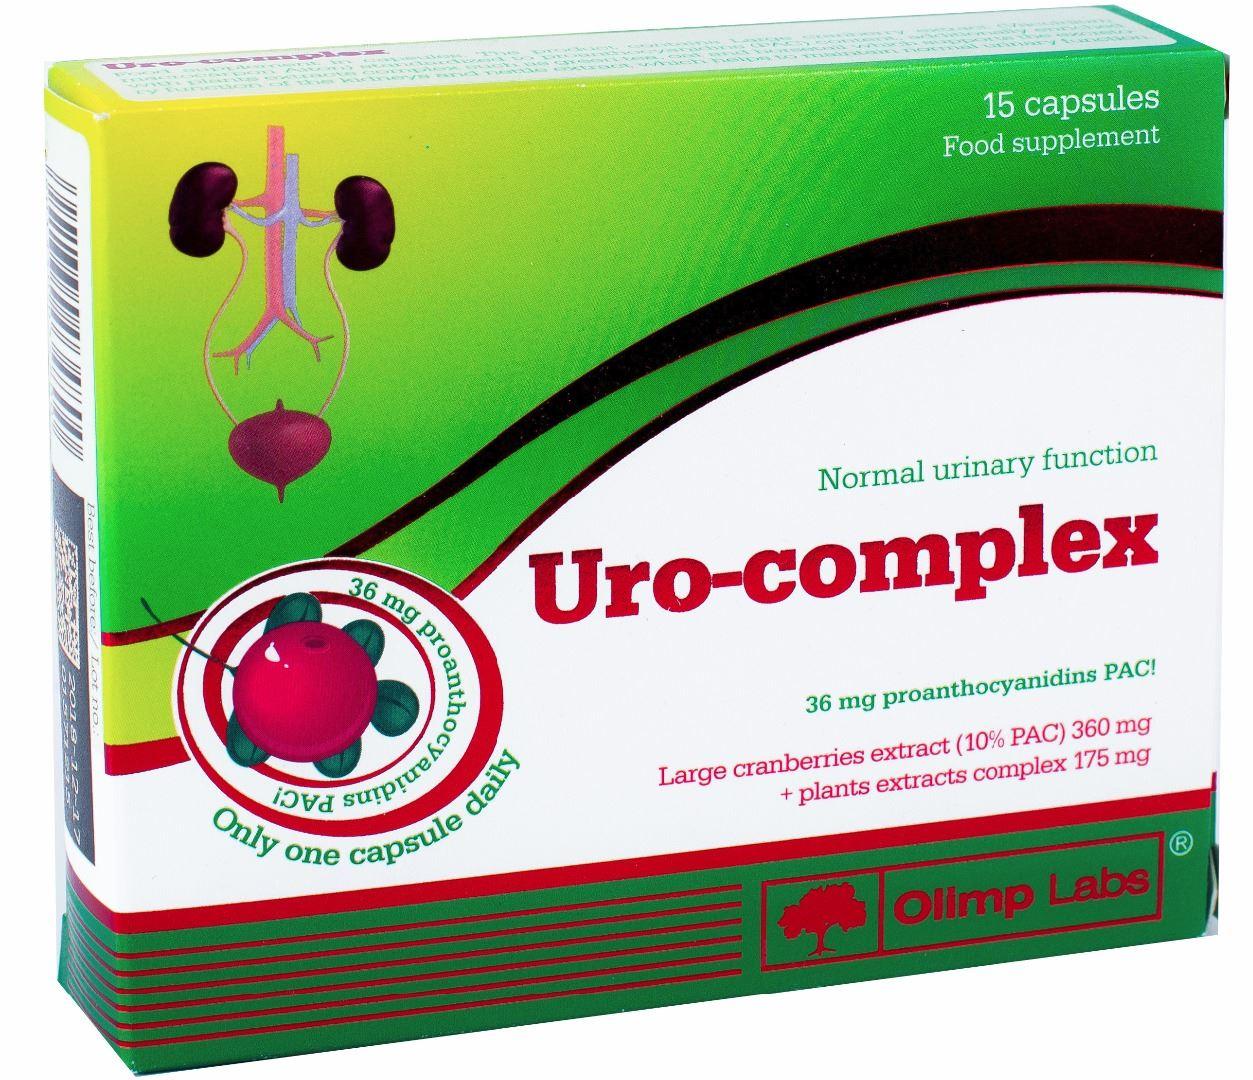 Uro-complex